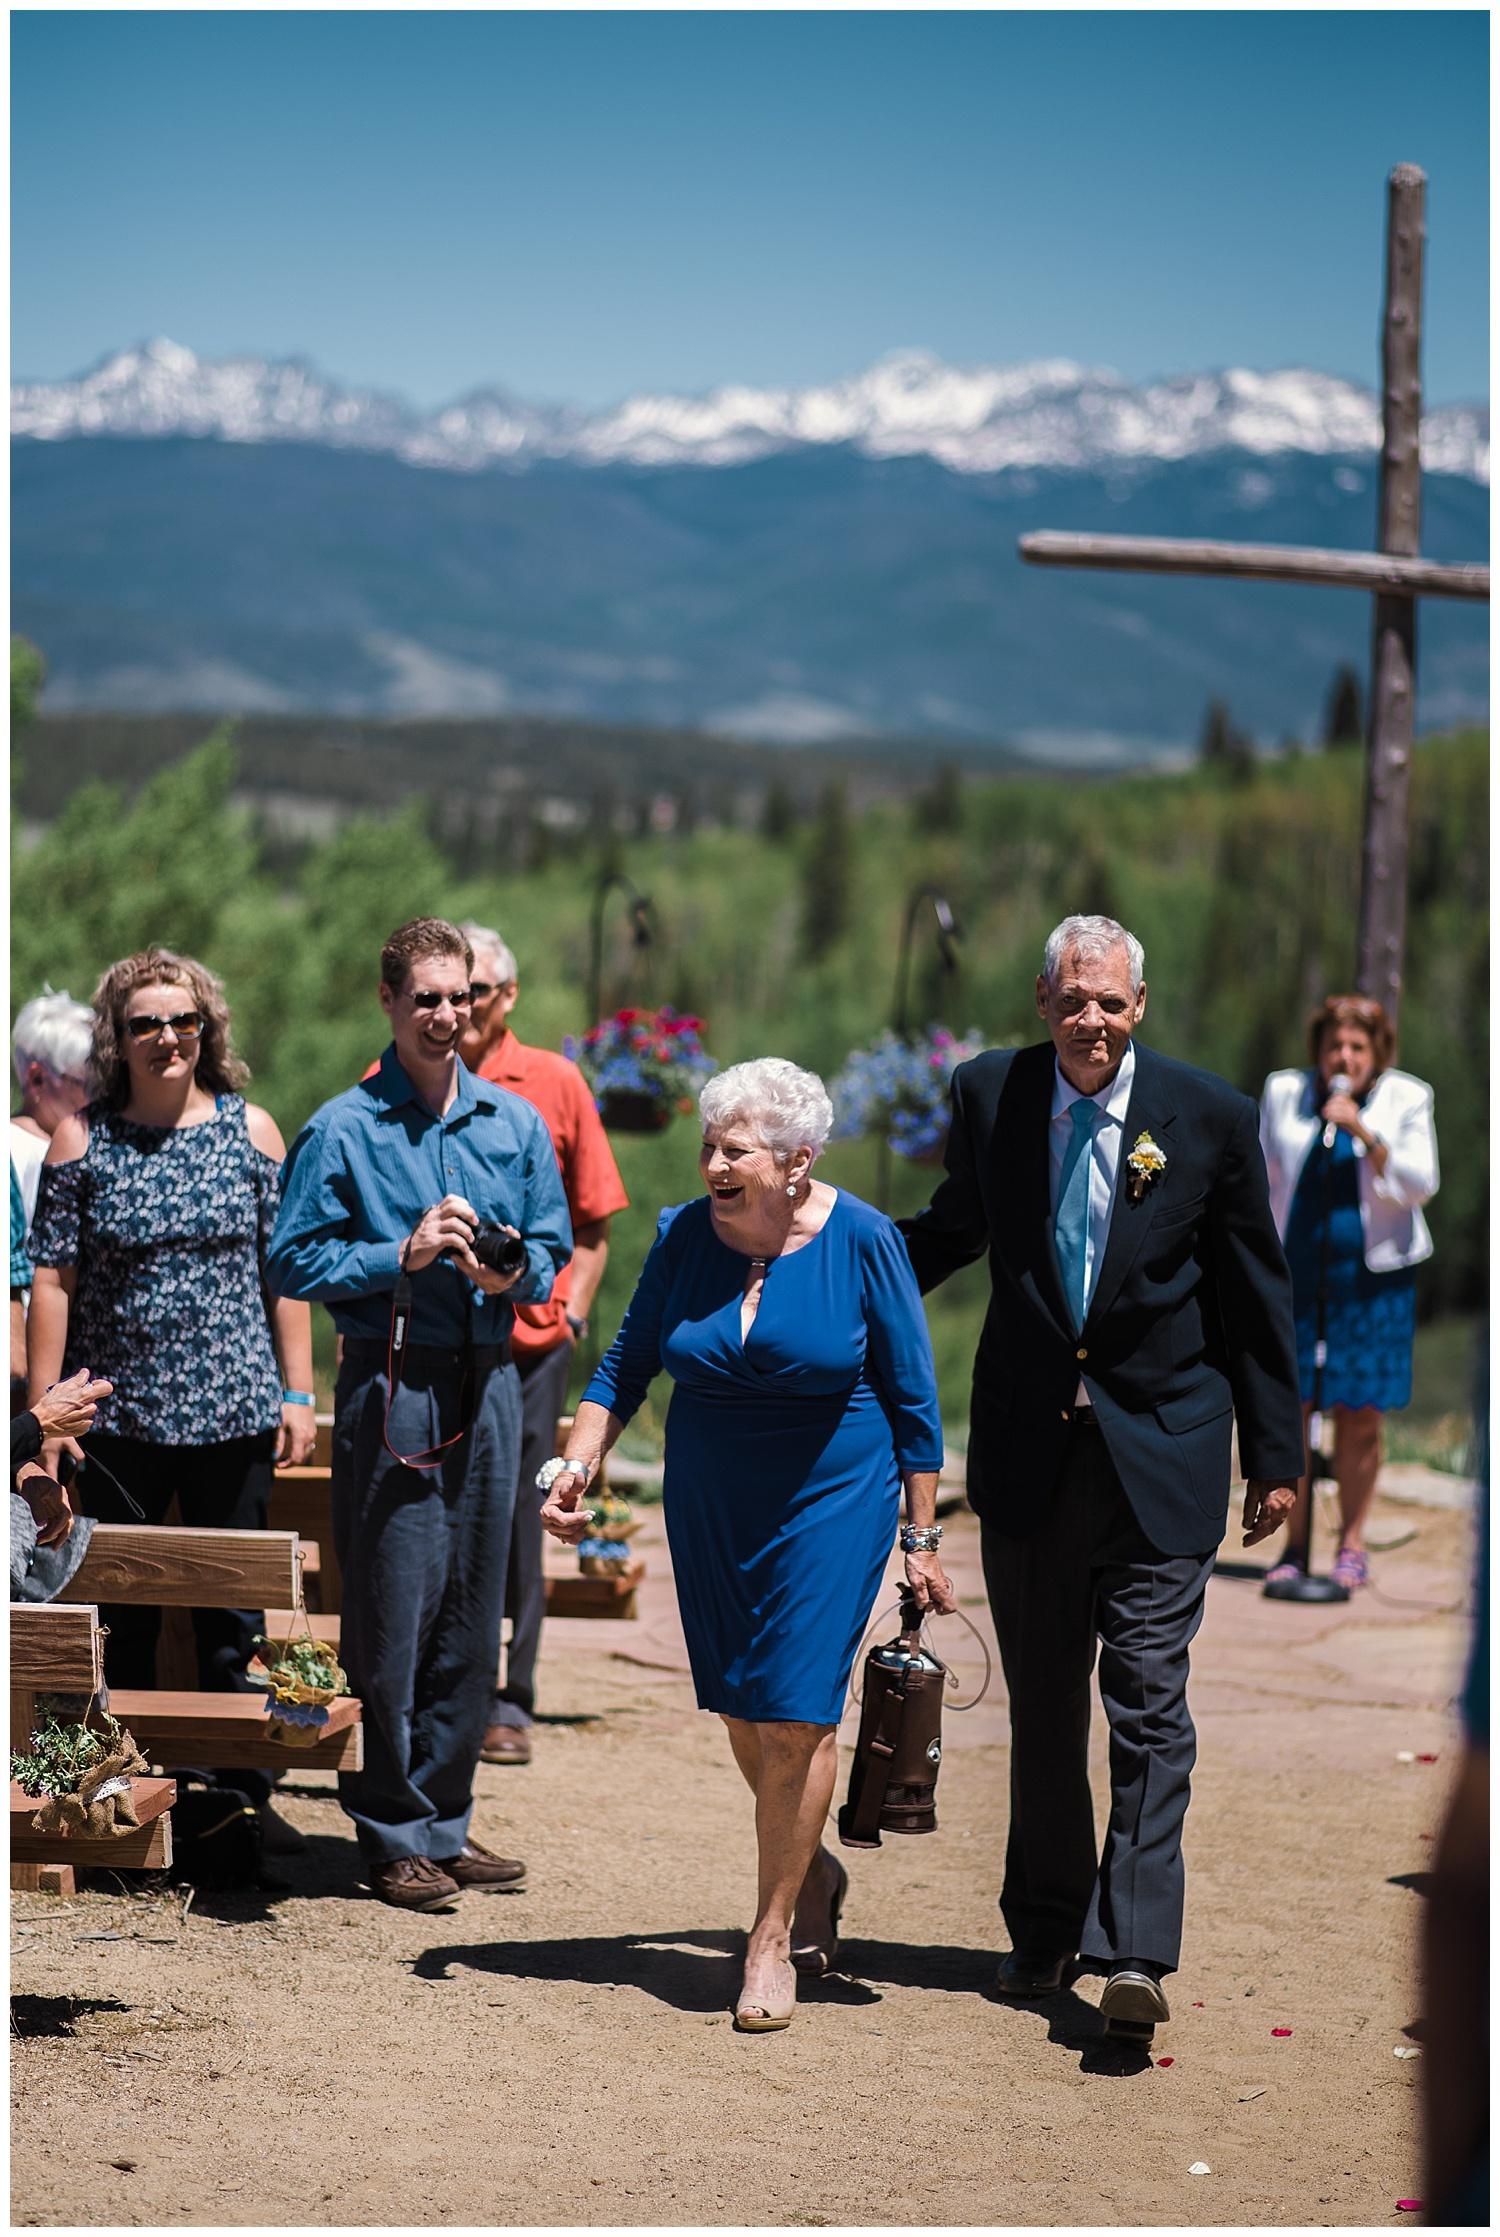 YMCA Snow Mountain Wedding, Rocky Mountain Wedding Photographer, Colorado Wedding Photographer, Colorado Elopement Photographer, Denver Wedding Photographer